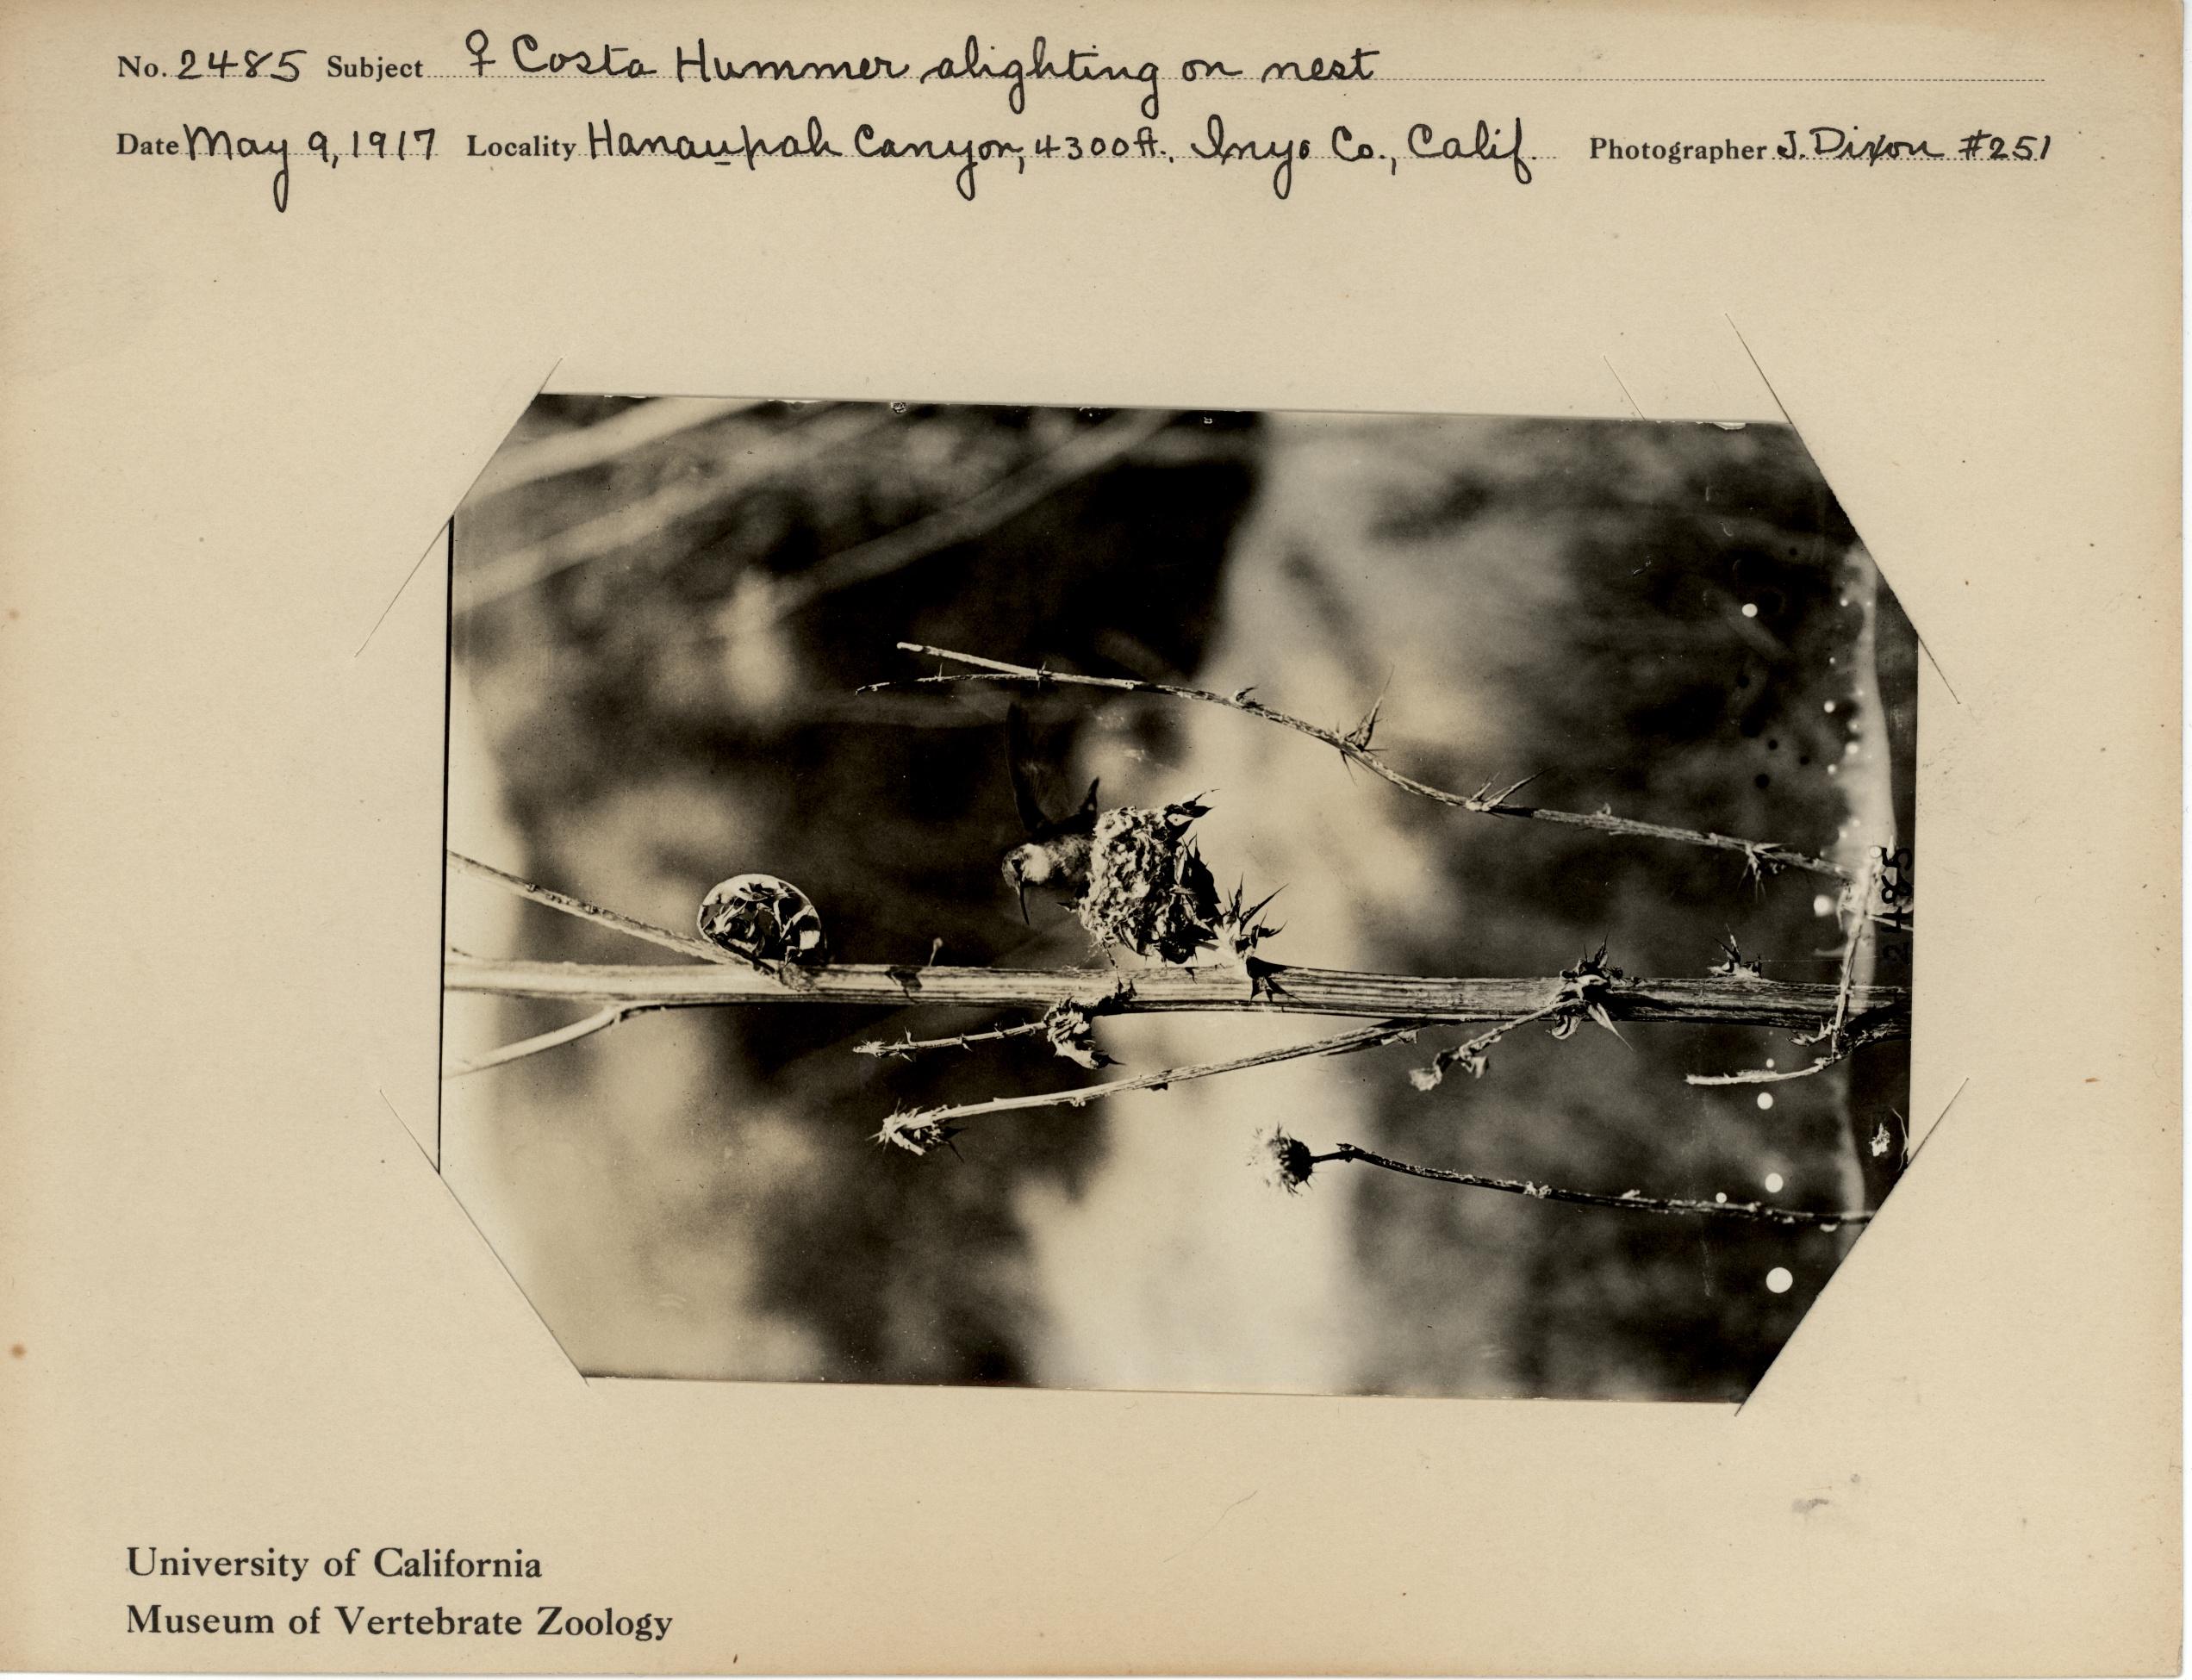 Female Costa Hummer alighting on nest